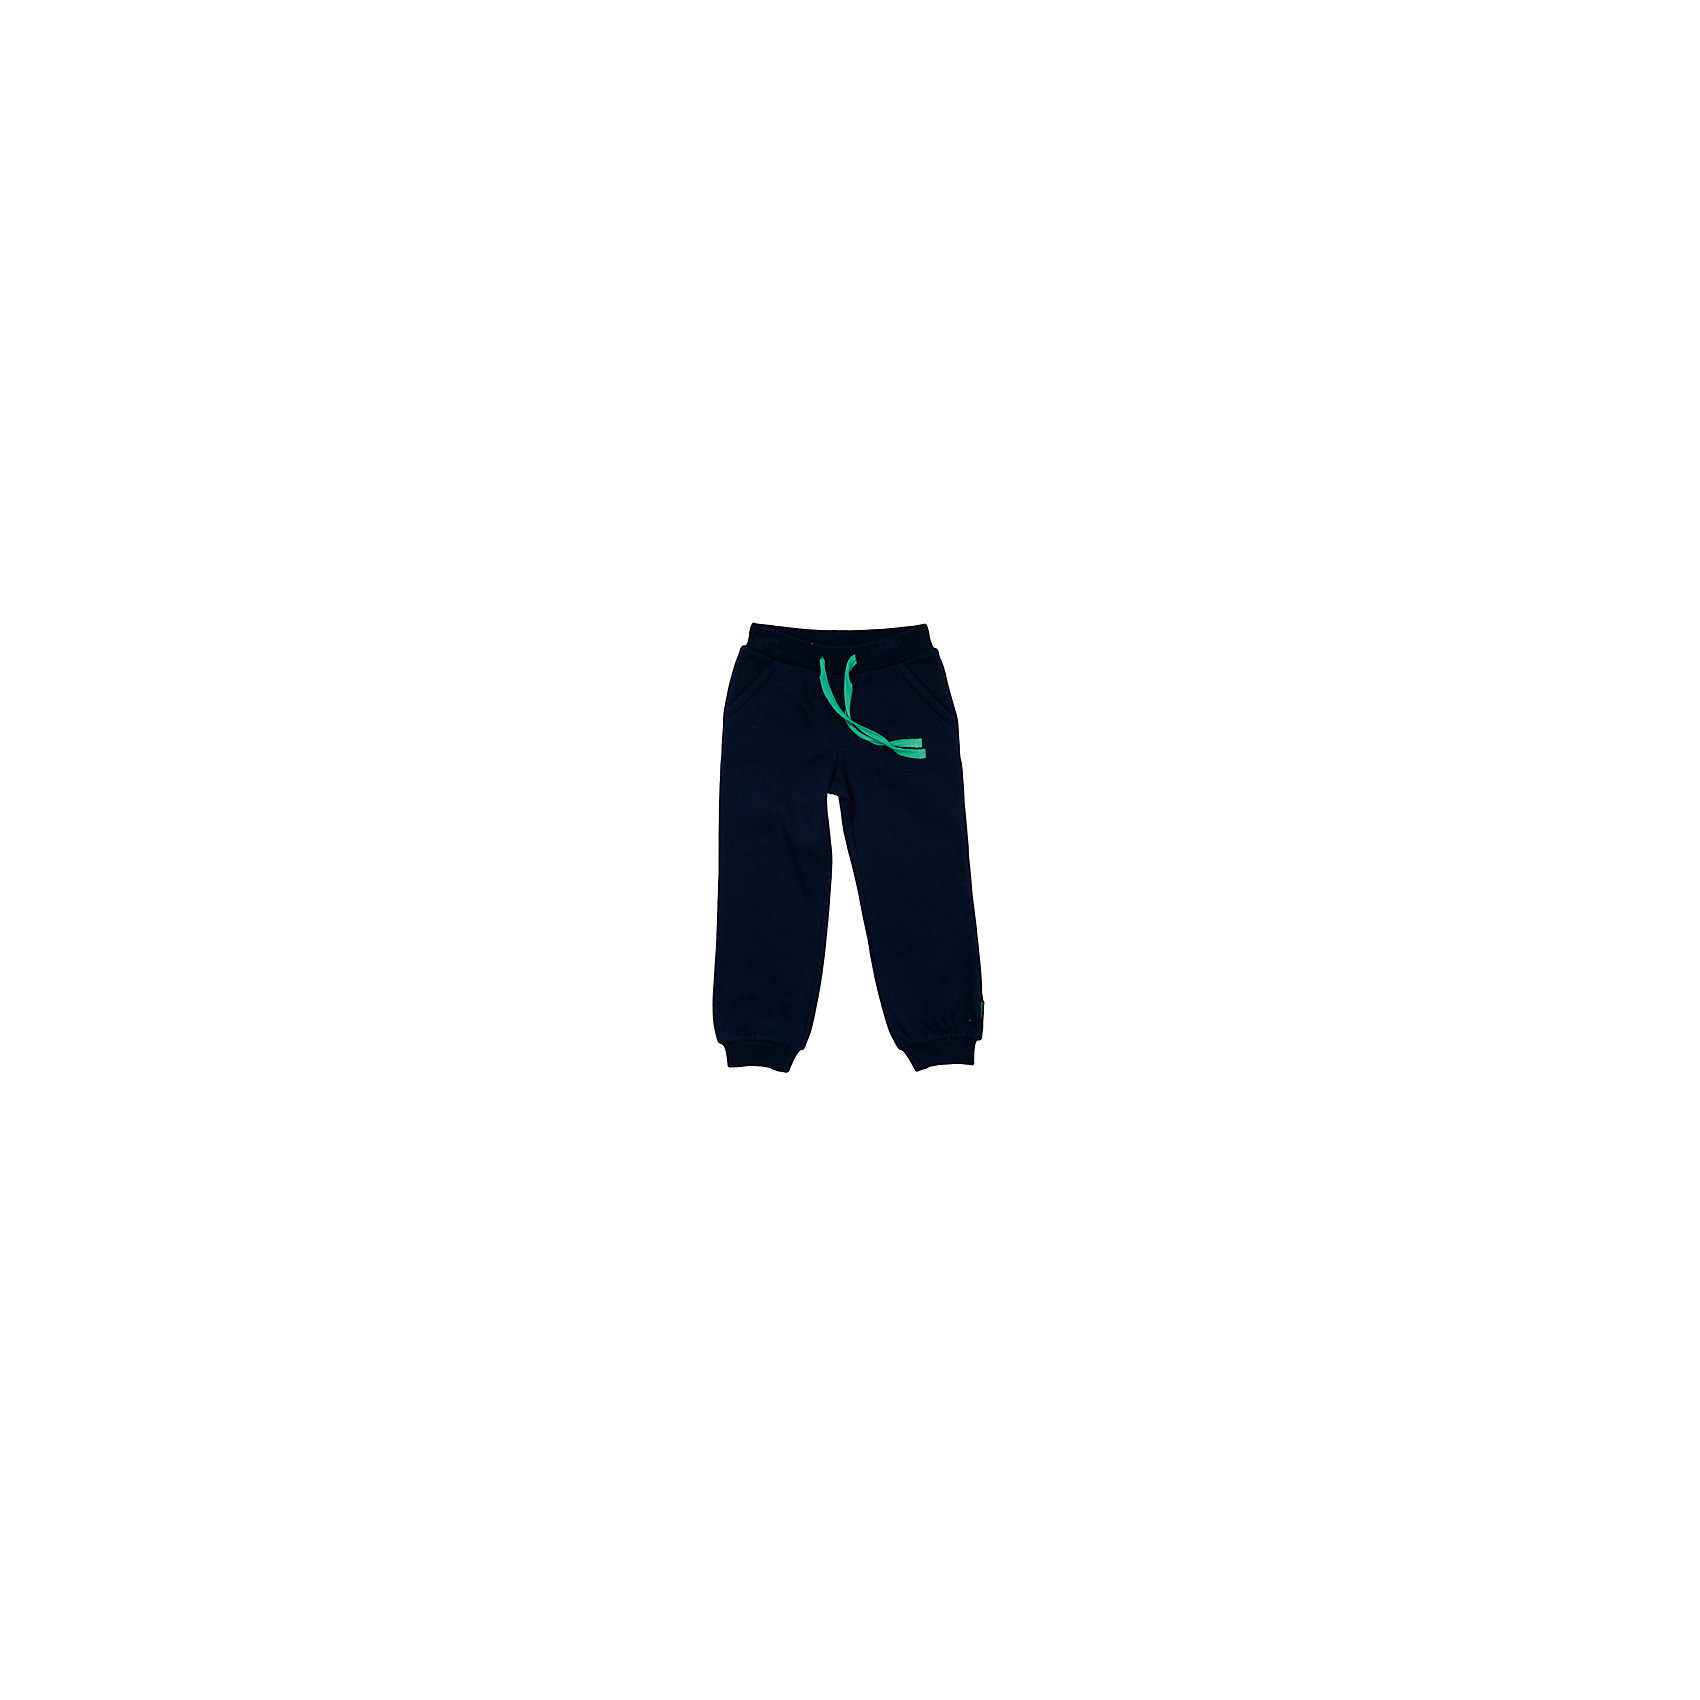 Брюки для мальчика PlayTodayБрюки для мальчика от известного бренда PlayToday.<br>Уютные брюки из футера с начесом в спортивном стиле. Пояс на резинке, дополнительно регулируется шнурком. Есть два функциональных кармана. Низ штанишек на широкой трикотажной резинке.<br>Состав:<br>80% хлопок, 20% полиэстер<br><br>Ширина мм: 215<br>Глубина мм: 88<br>Высота мм: 191<br>Вес г: 336<br>Цвет: синий<br>Возраст от месяцев: 36<br>Возраст до месяцев: 48<br>Пол: Мужской<br>Возраст: Детский<br>Размер: 104,122,128,110,116,98<br>SKU: 4898332